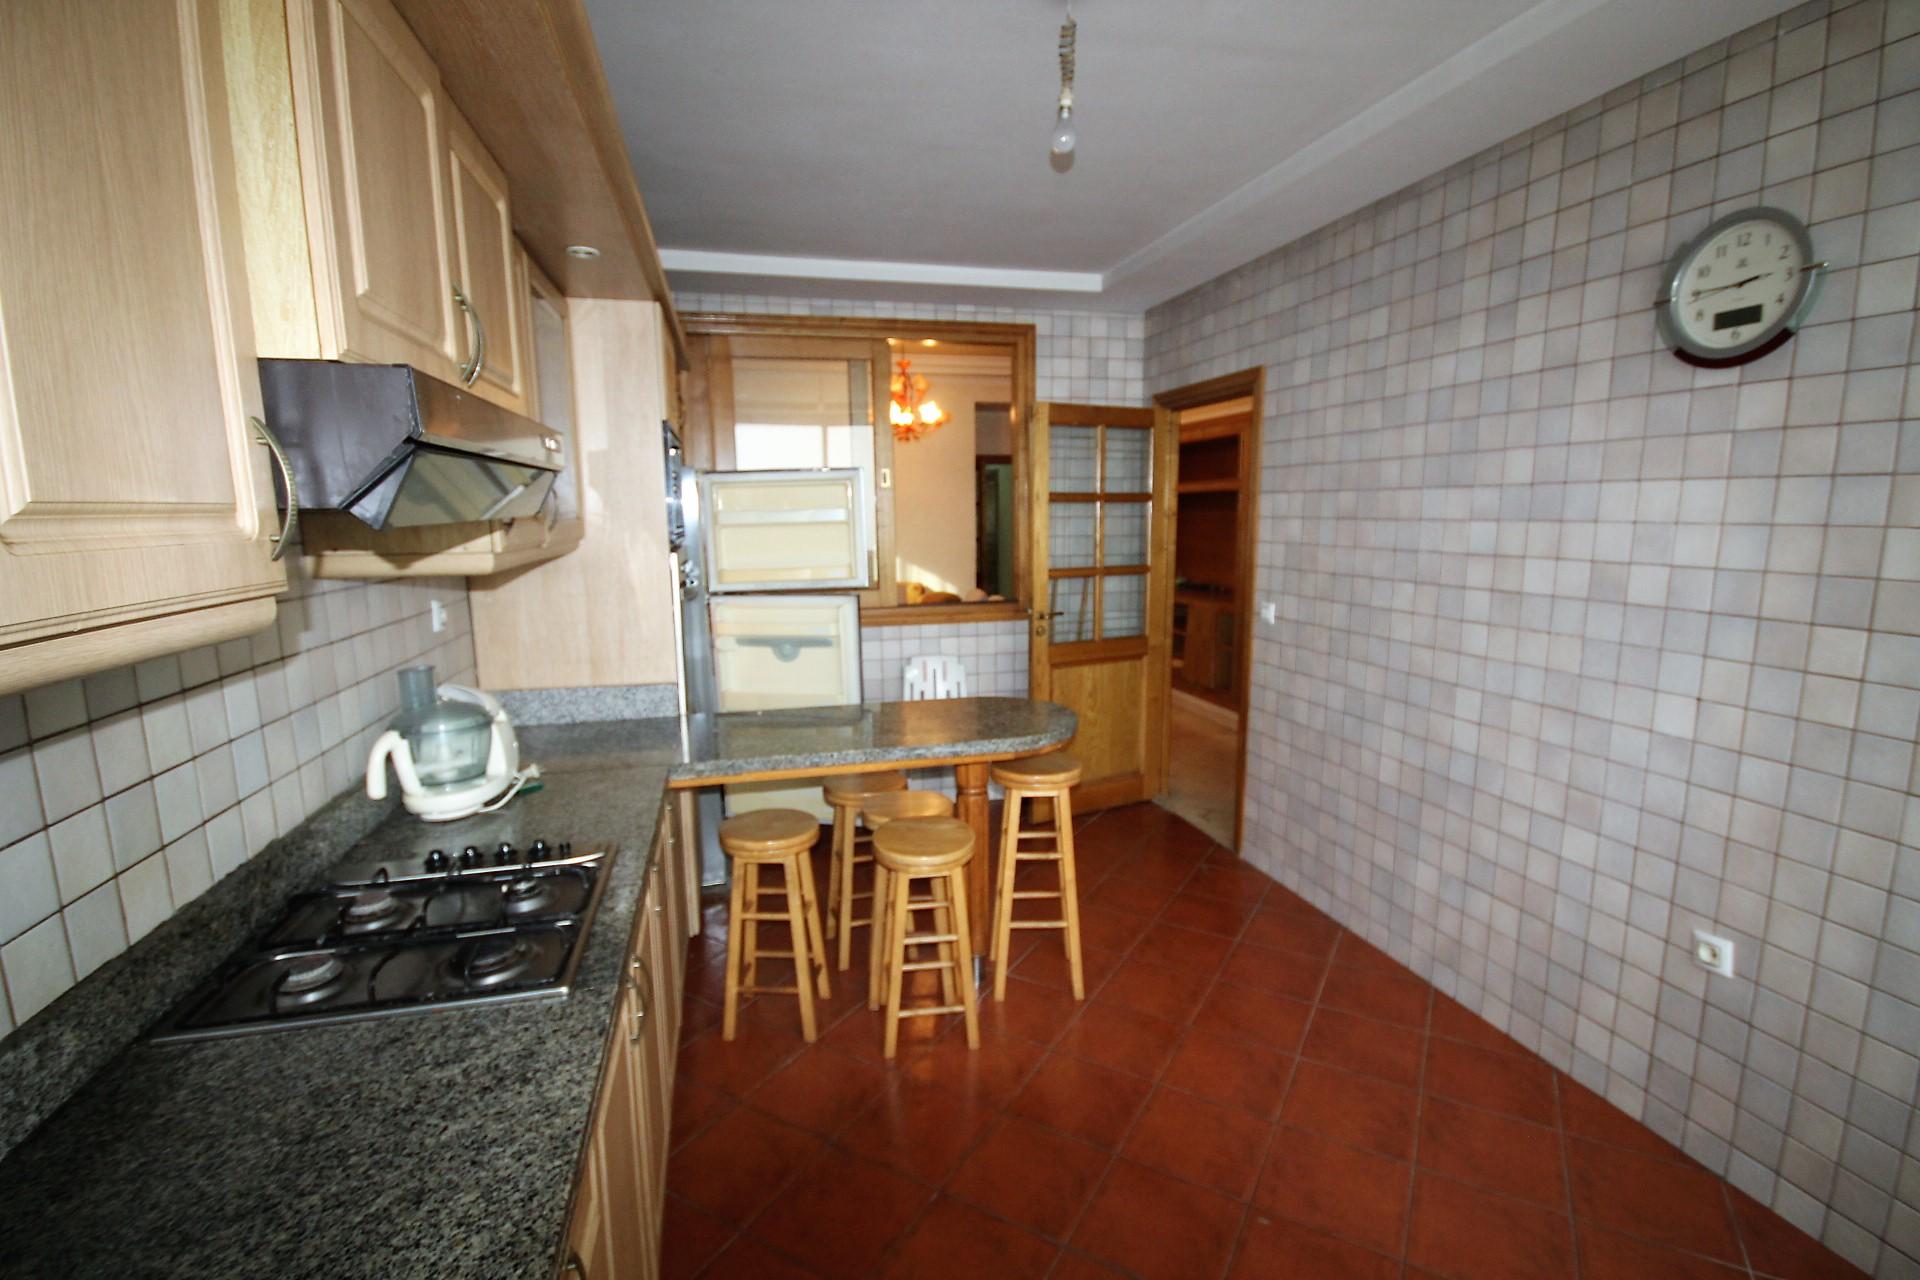 Maroc, Casablanca, triangle d'or, à louer vaste appartement meublé de 3 chambres